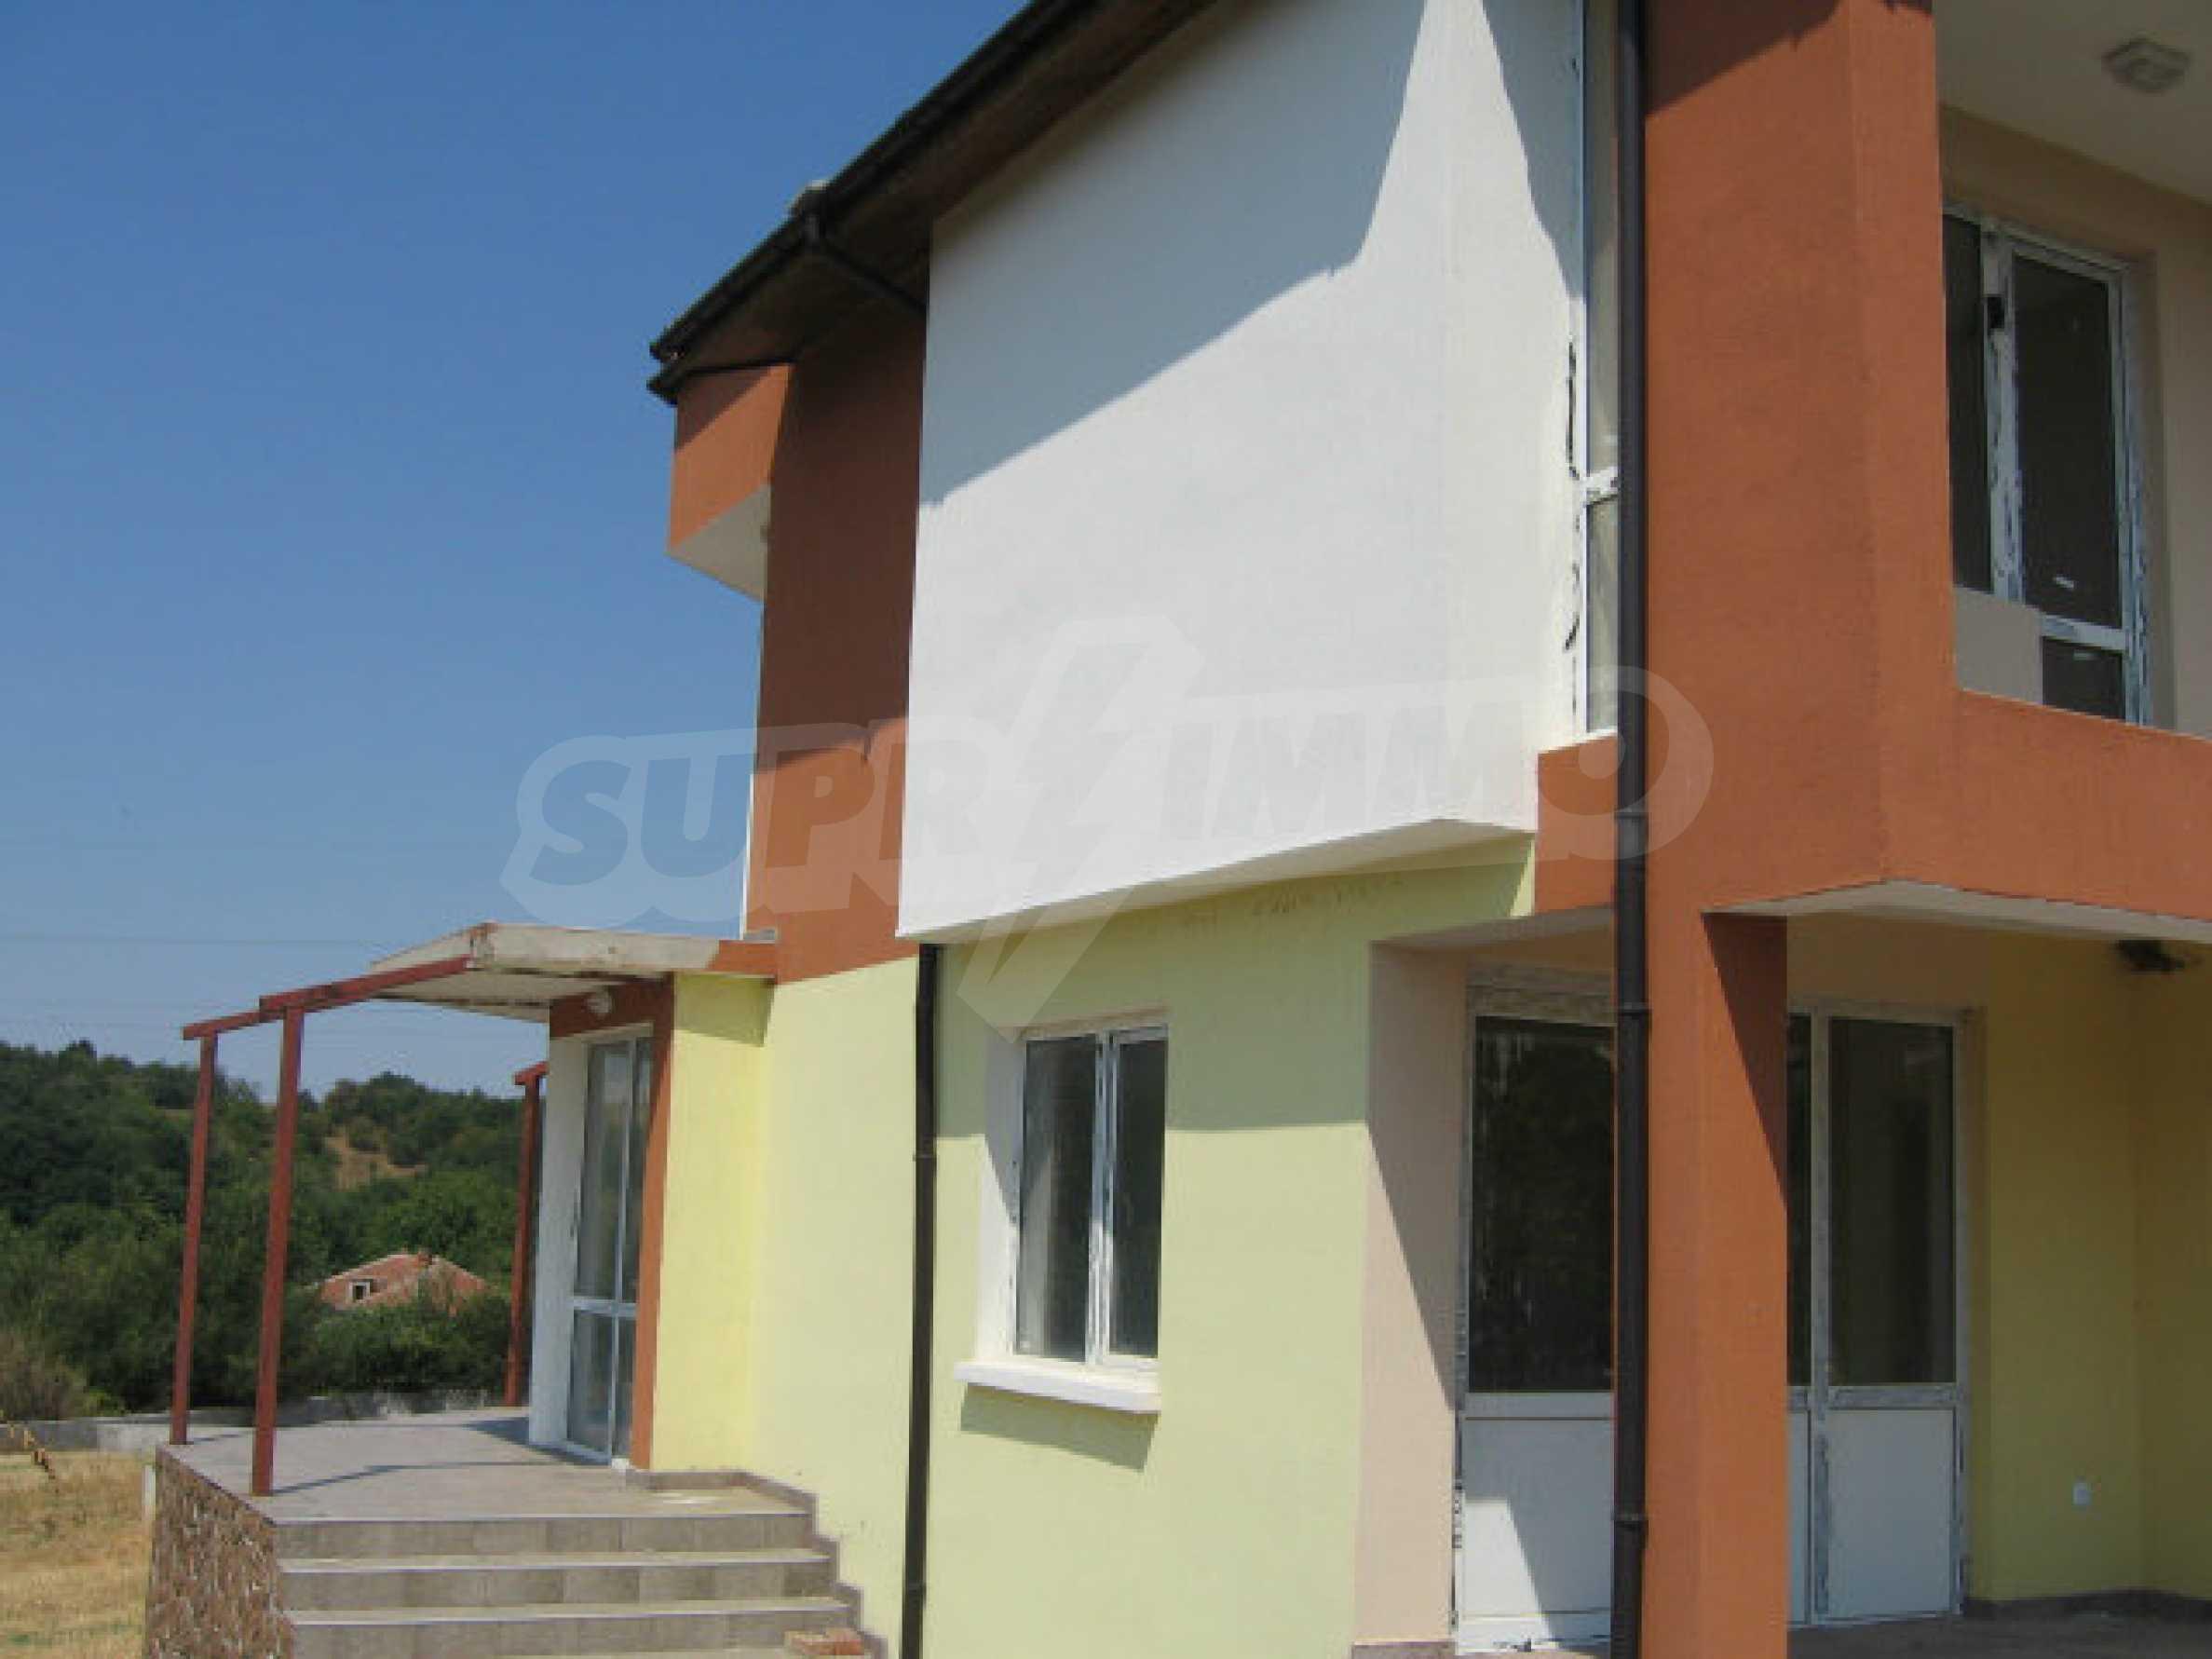 Schönes neues Haus mit schöner Aussicht auf Sakar in einem ruhigen Dorf in der Nähe von Topolovgrad 17